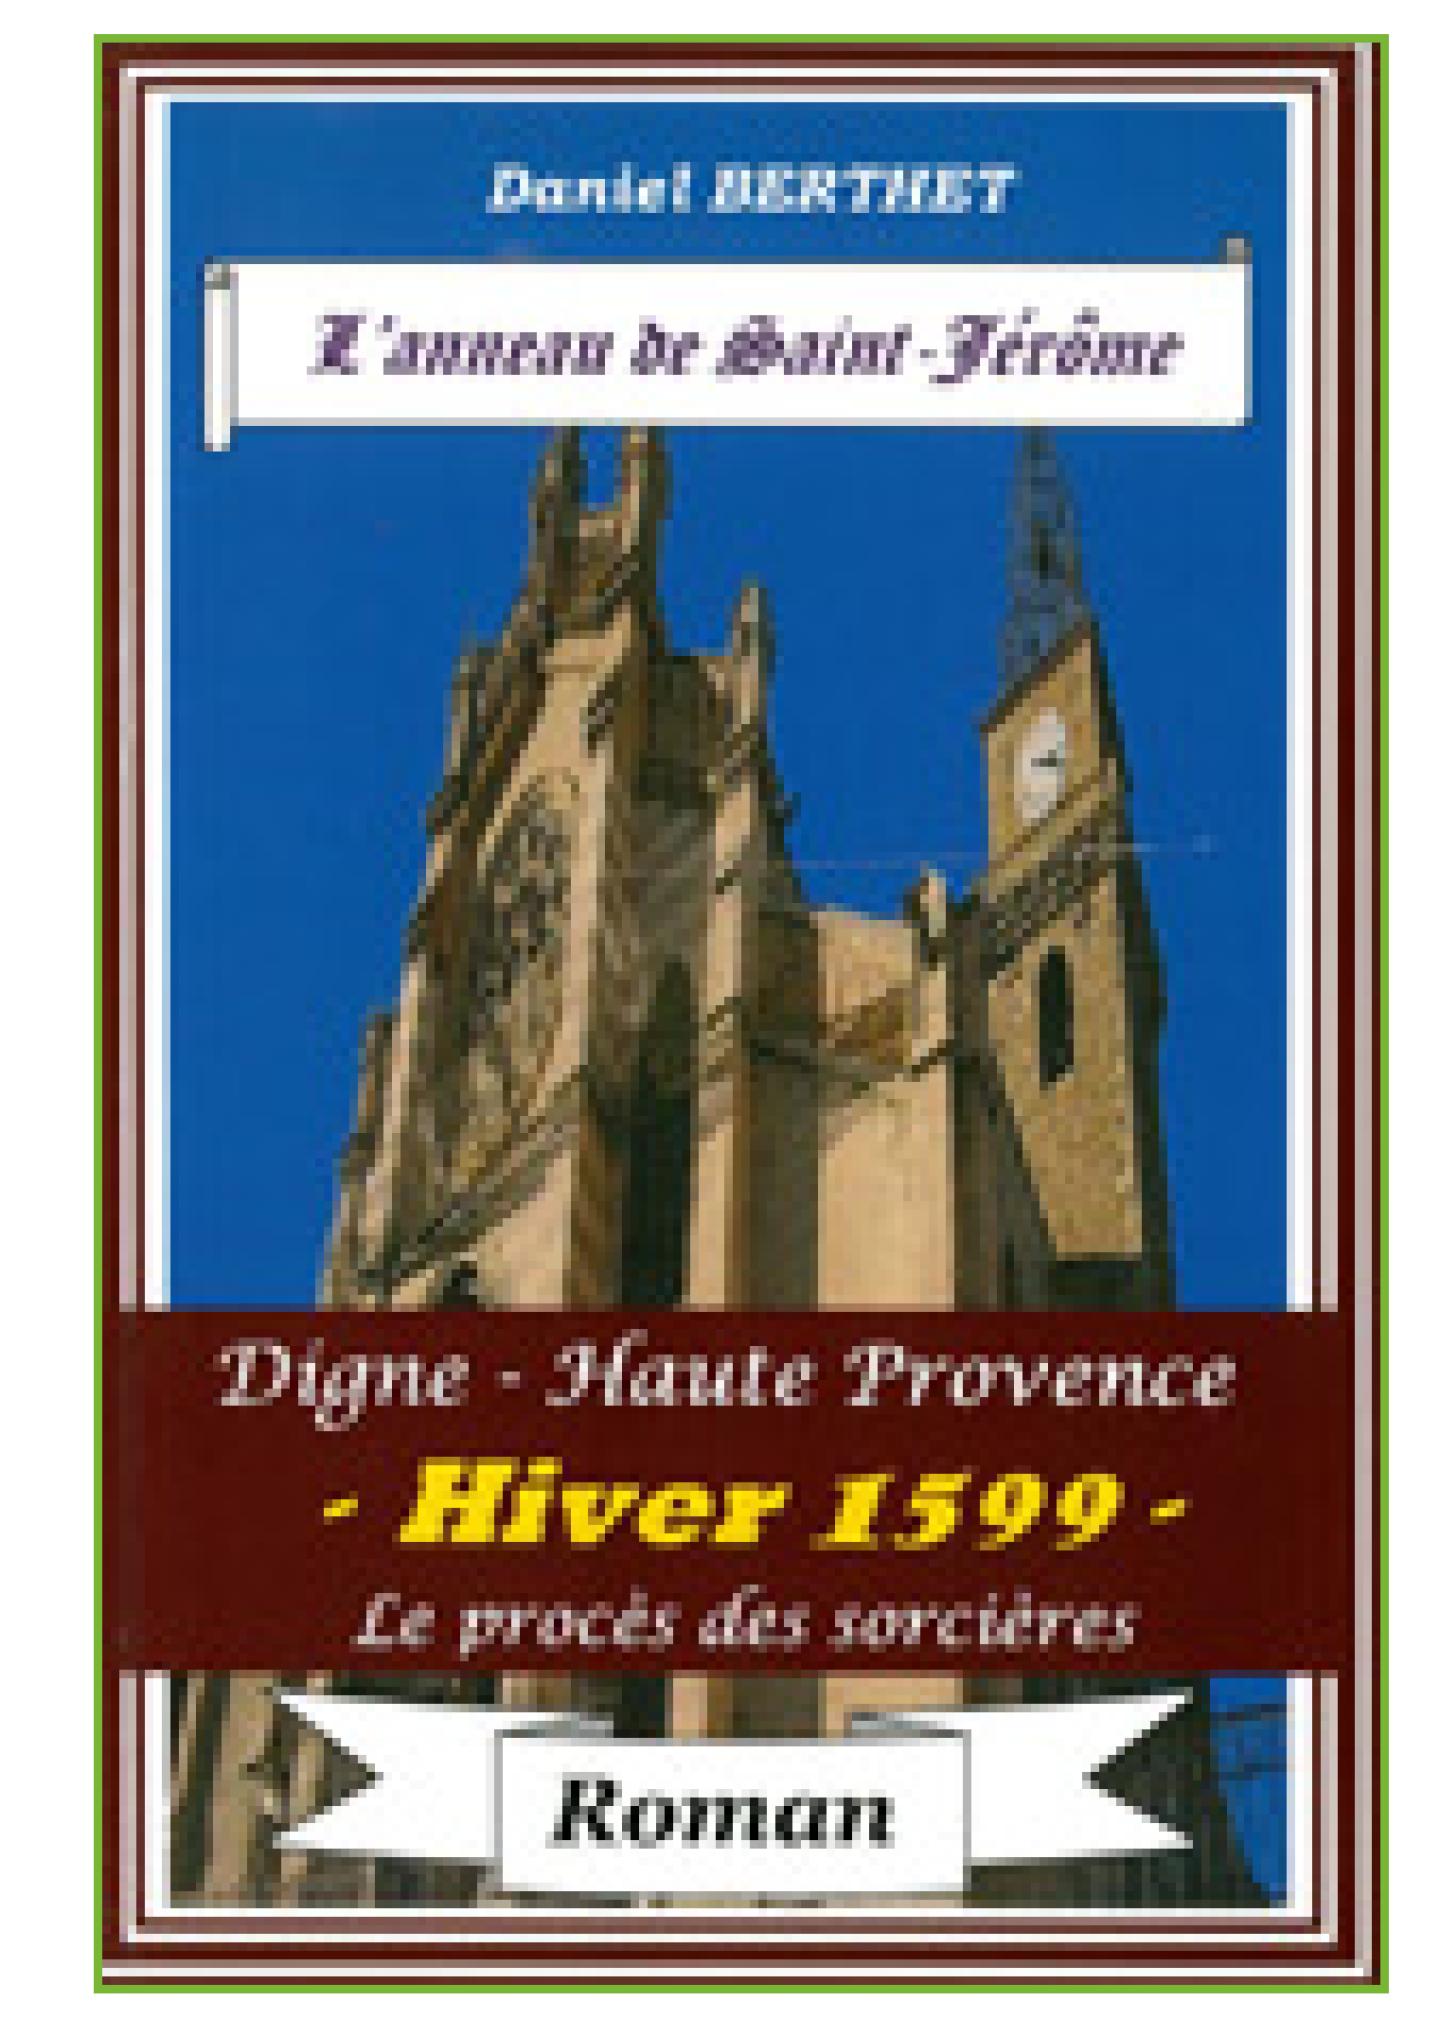 L'anneau de Saint-Jérôme de Daniel Berthet